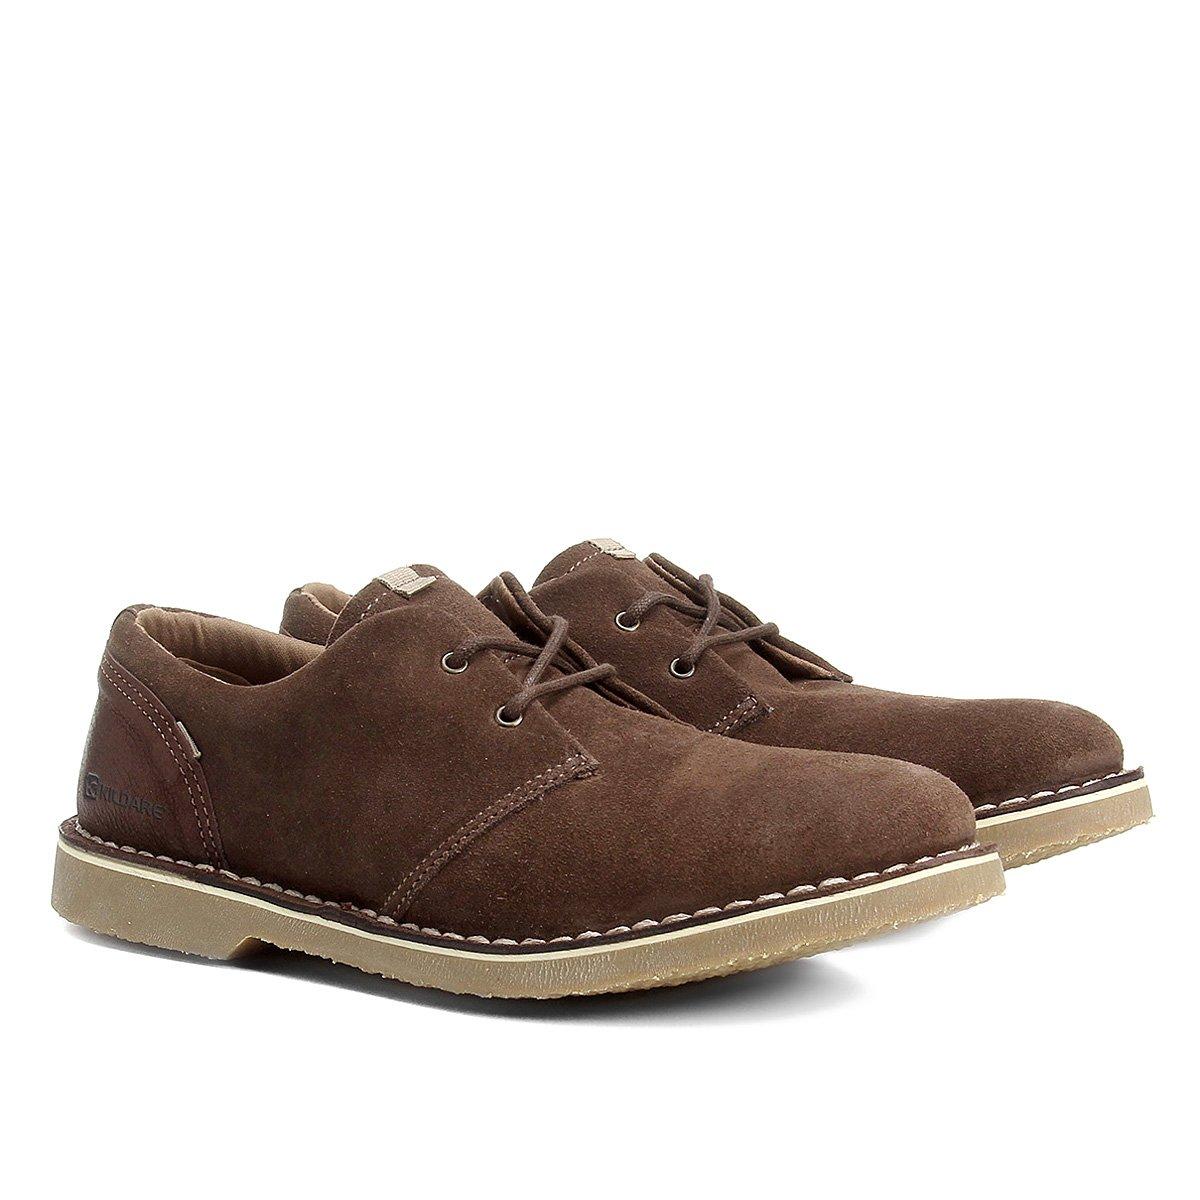 Sapato Casual Couro Kildare Sahara Camurça - Café